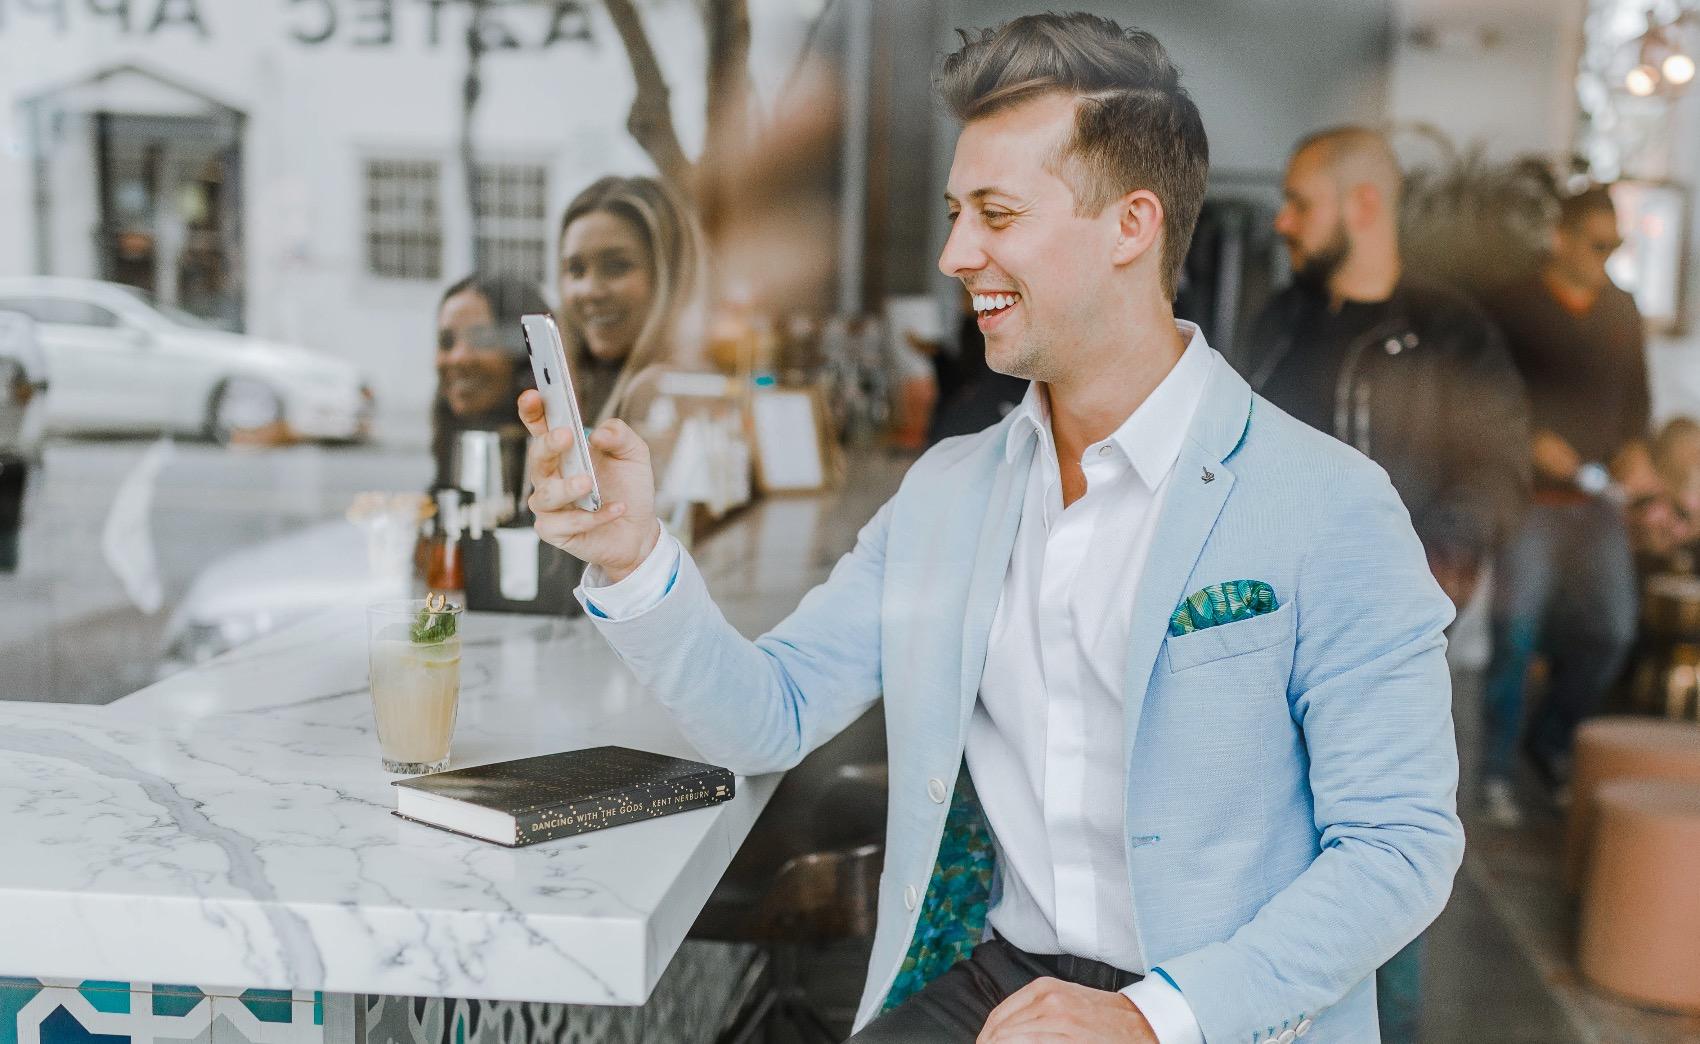 Ideias de negócio, empreender e rentabilizar o seu negócio